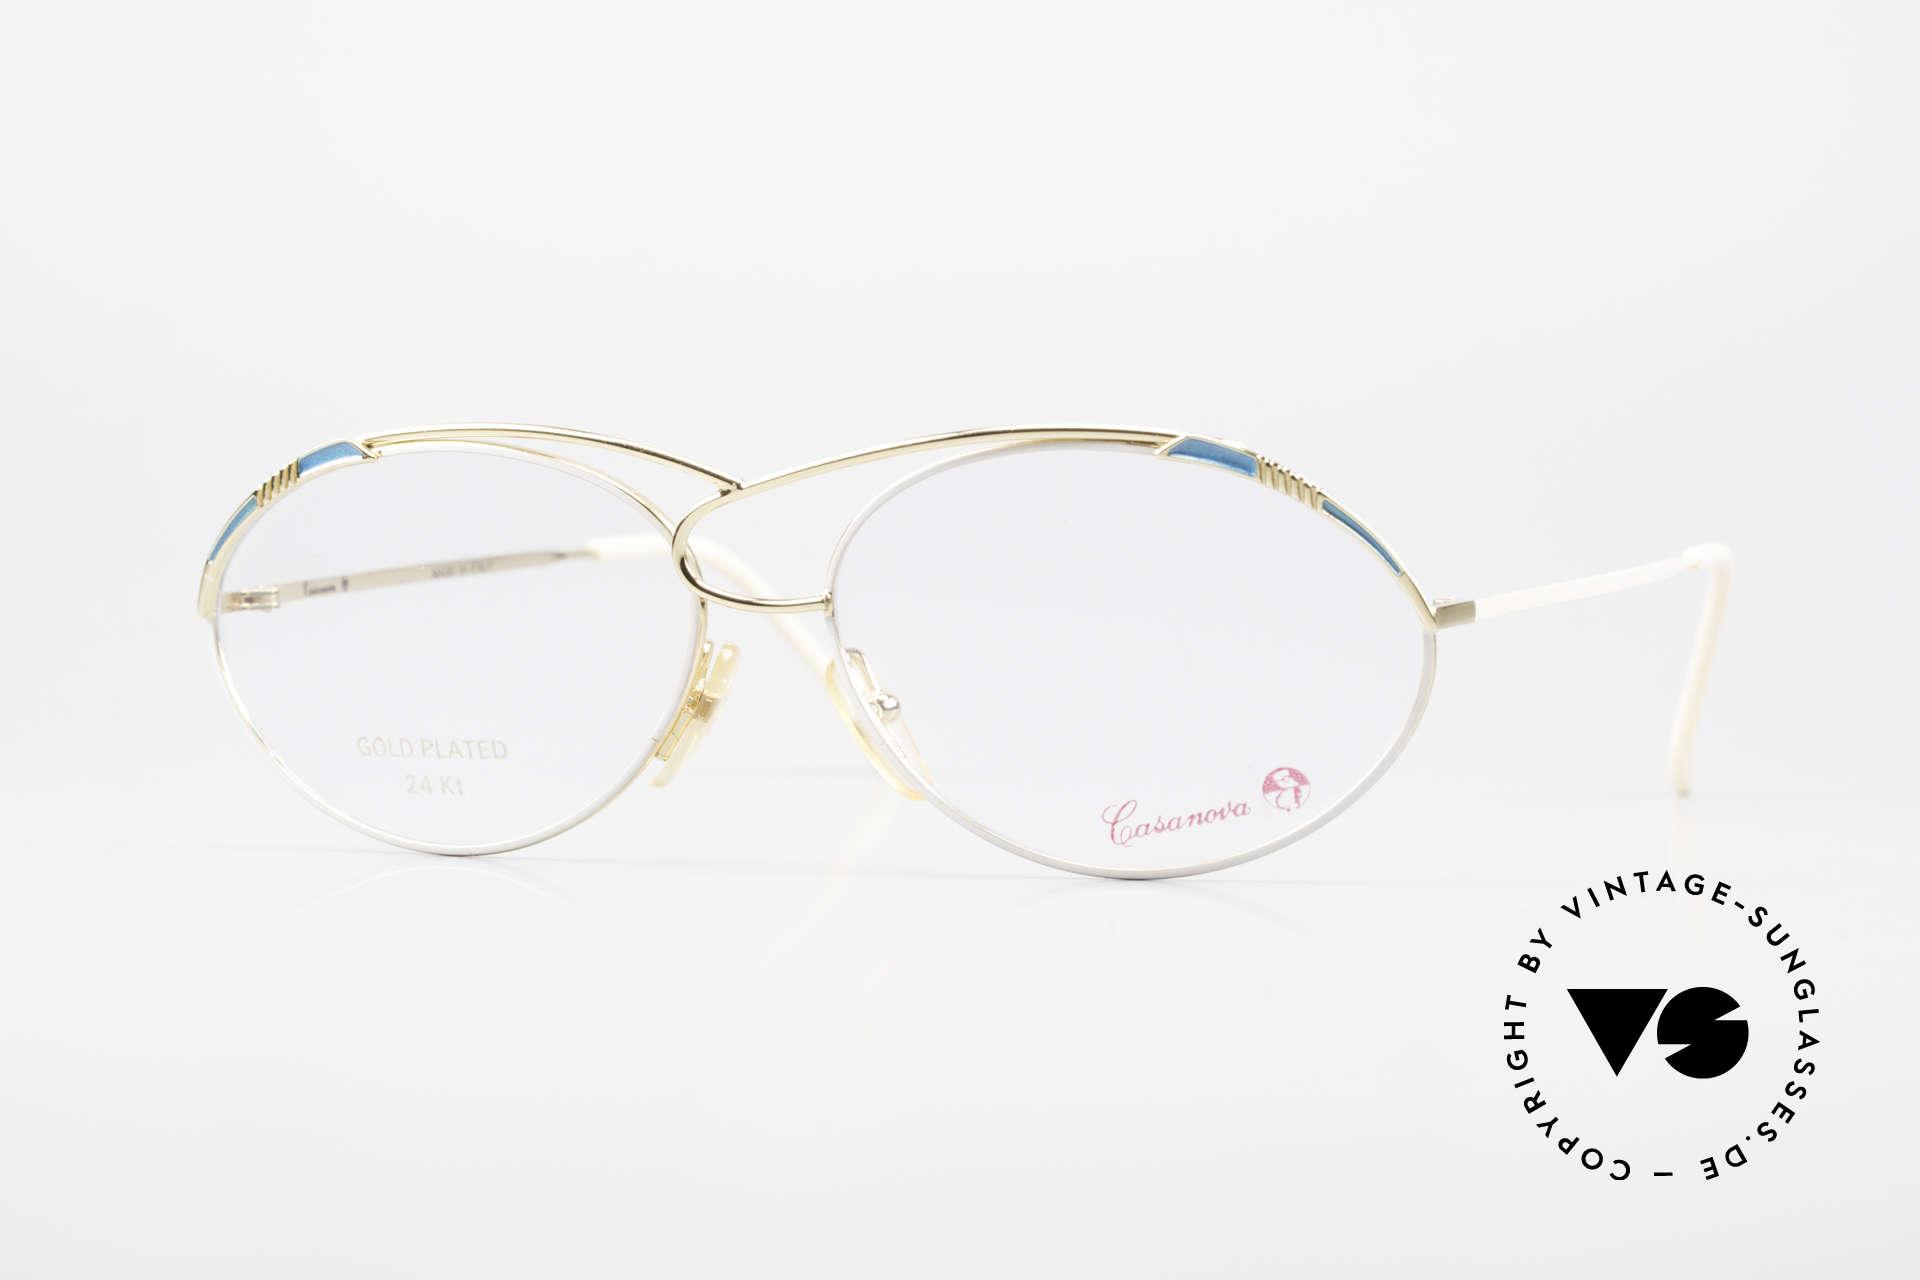 Casanova LC13 24kt Vergoldete Vintage Brille, zauberhafte CASANOVA Designerbrille von circa 1985, Passend für Damen